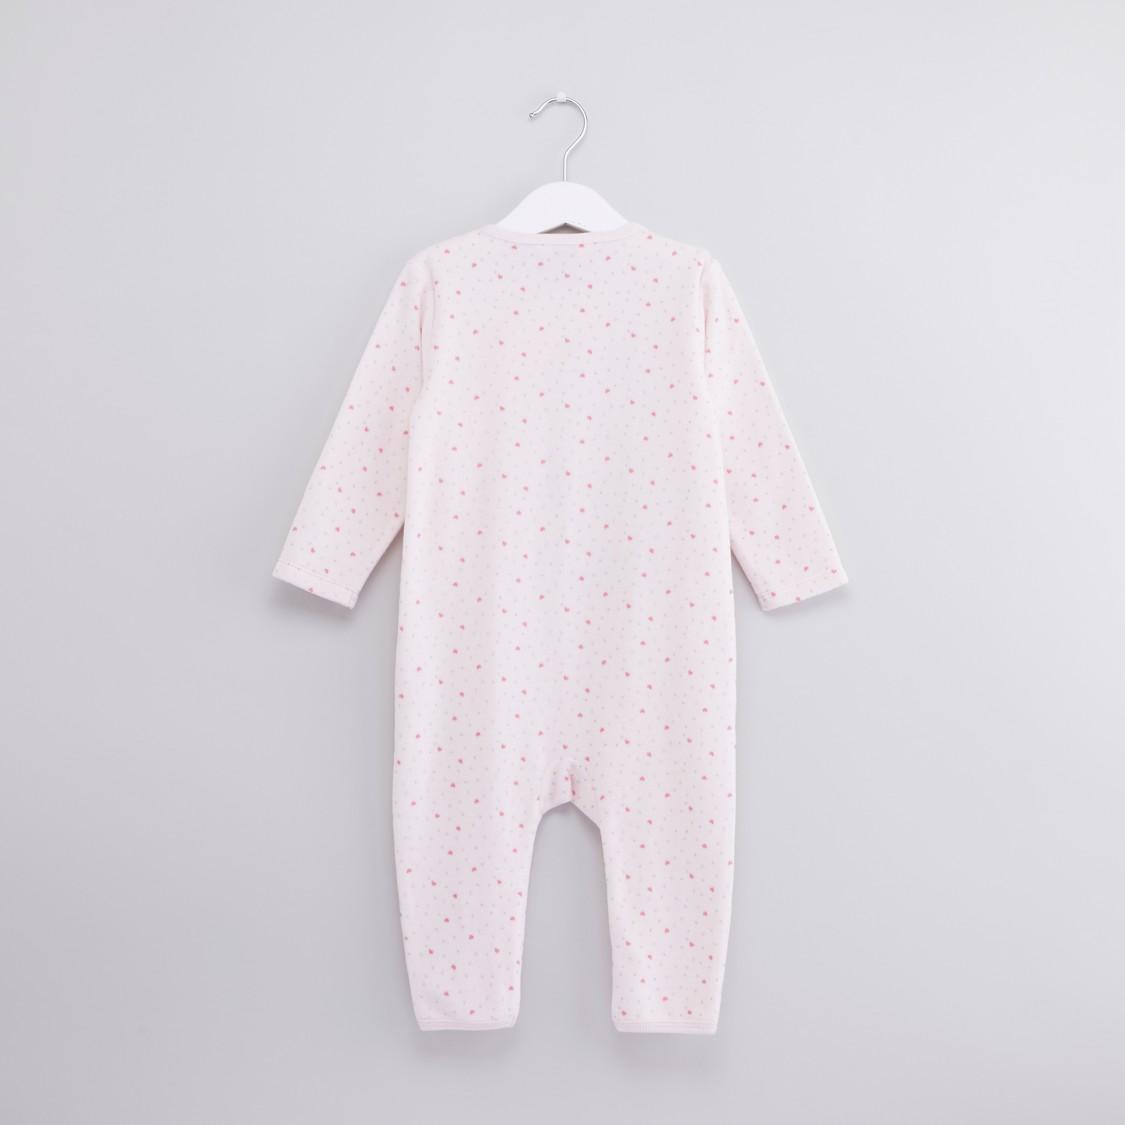 Printed Long Sleeves Sleepsuit with Cap